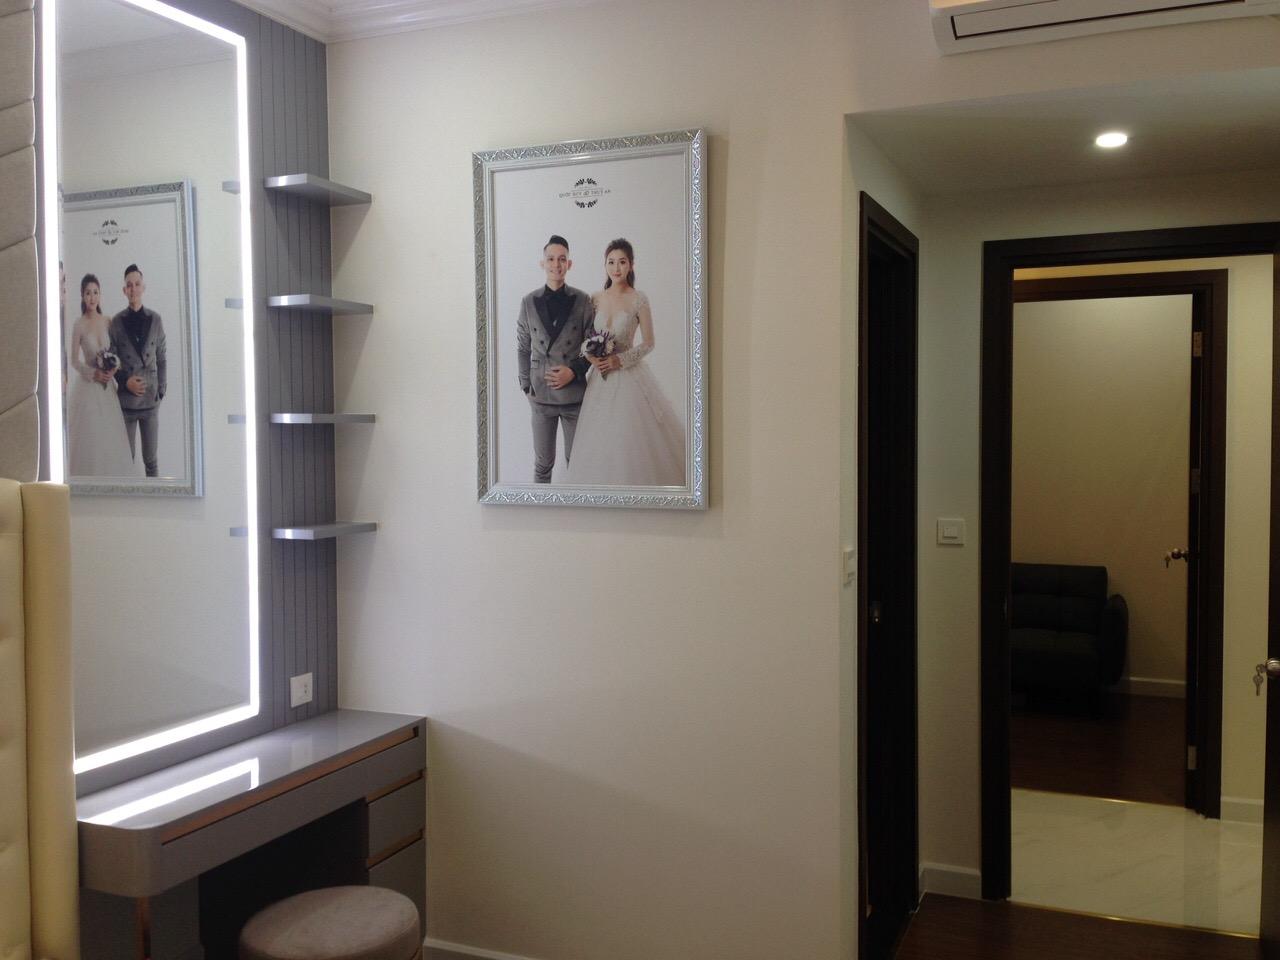 thiết kế nội thất chung cư tại Hồ Chí Minh Căn hộ 5 1563261240